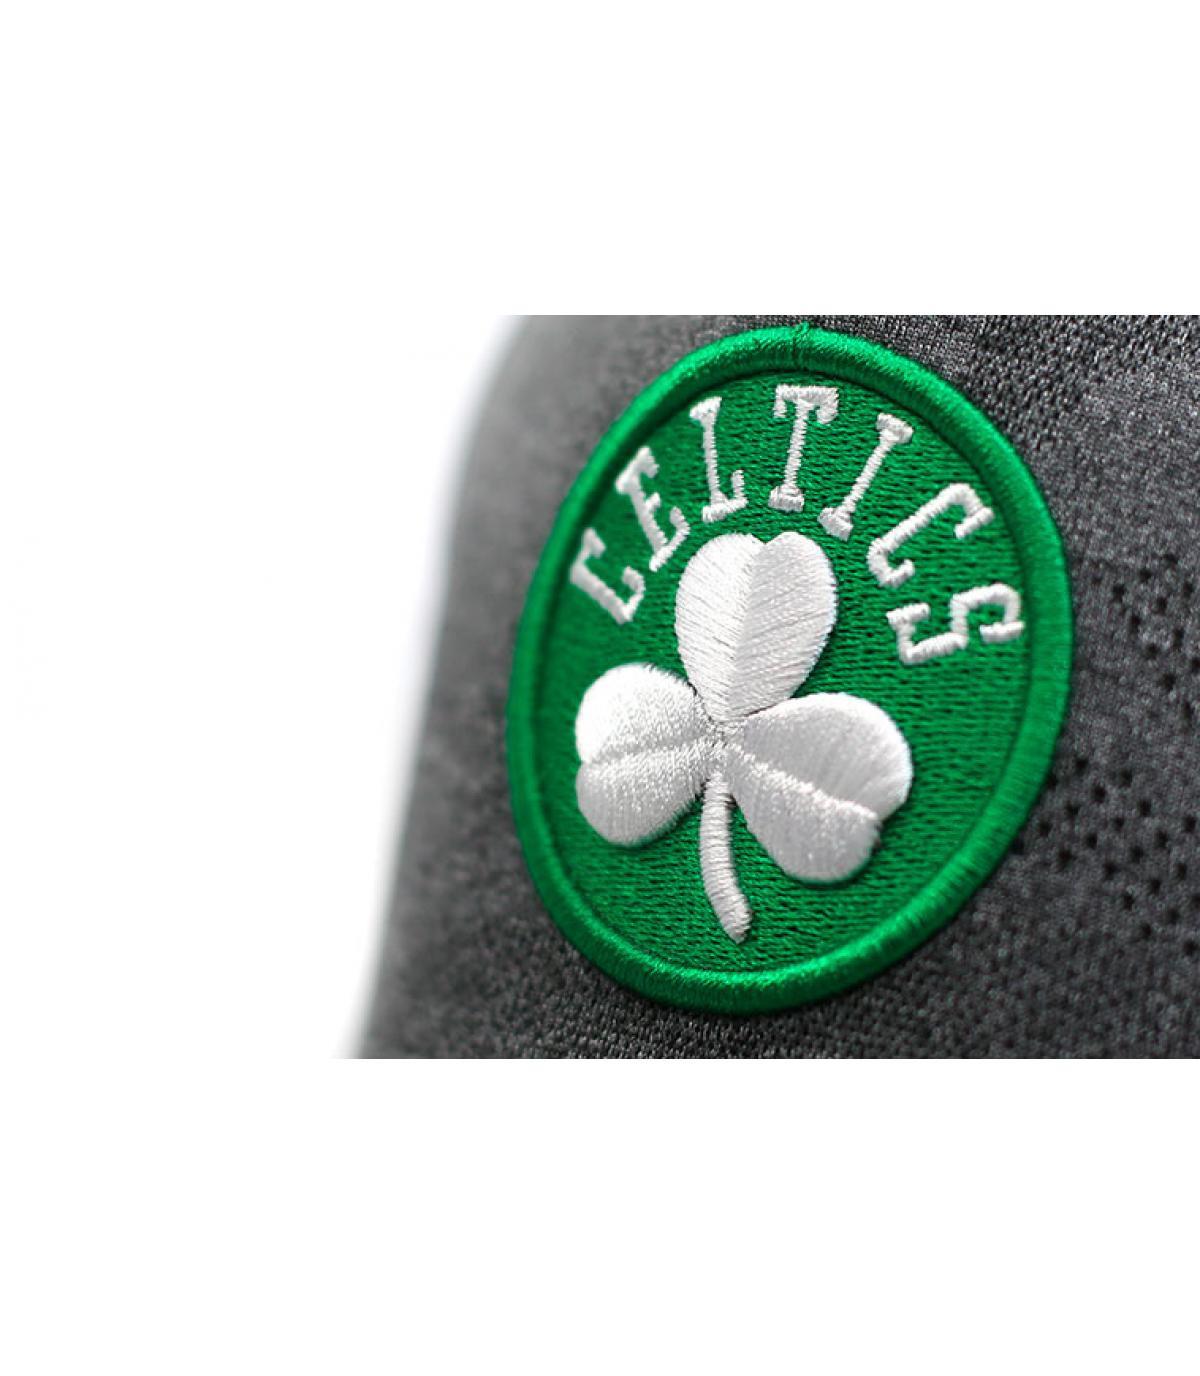 Détails Casquette Enginneered Plus Celtics Aframe black - image 3